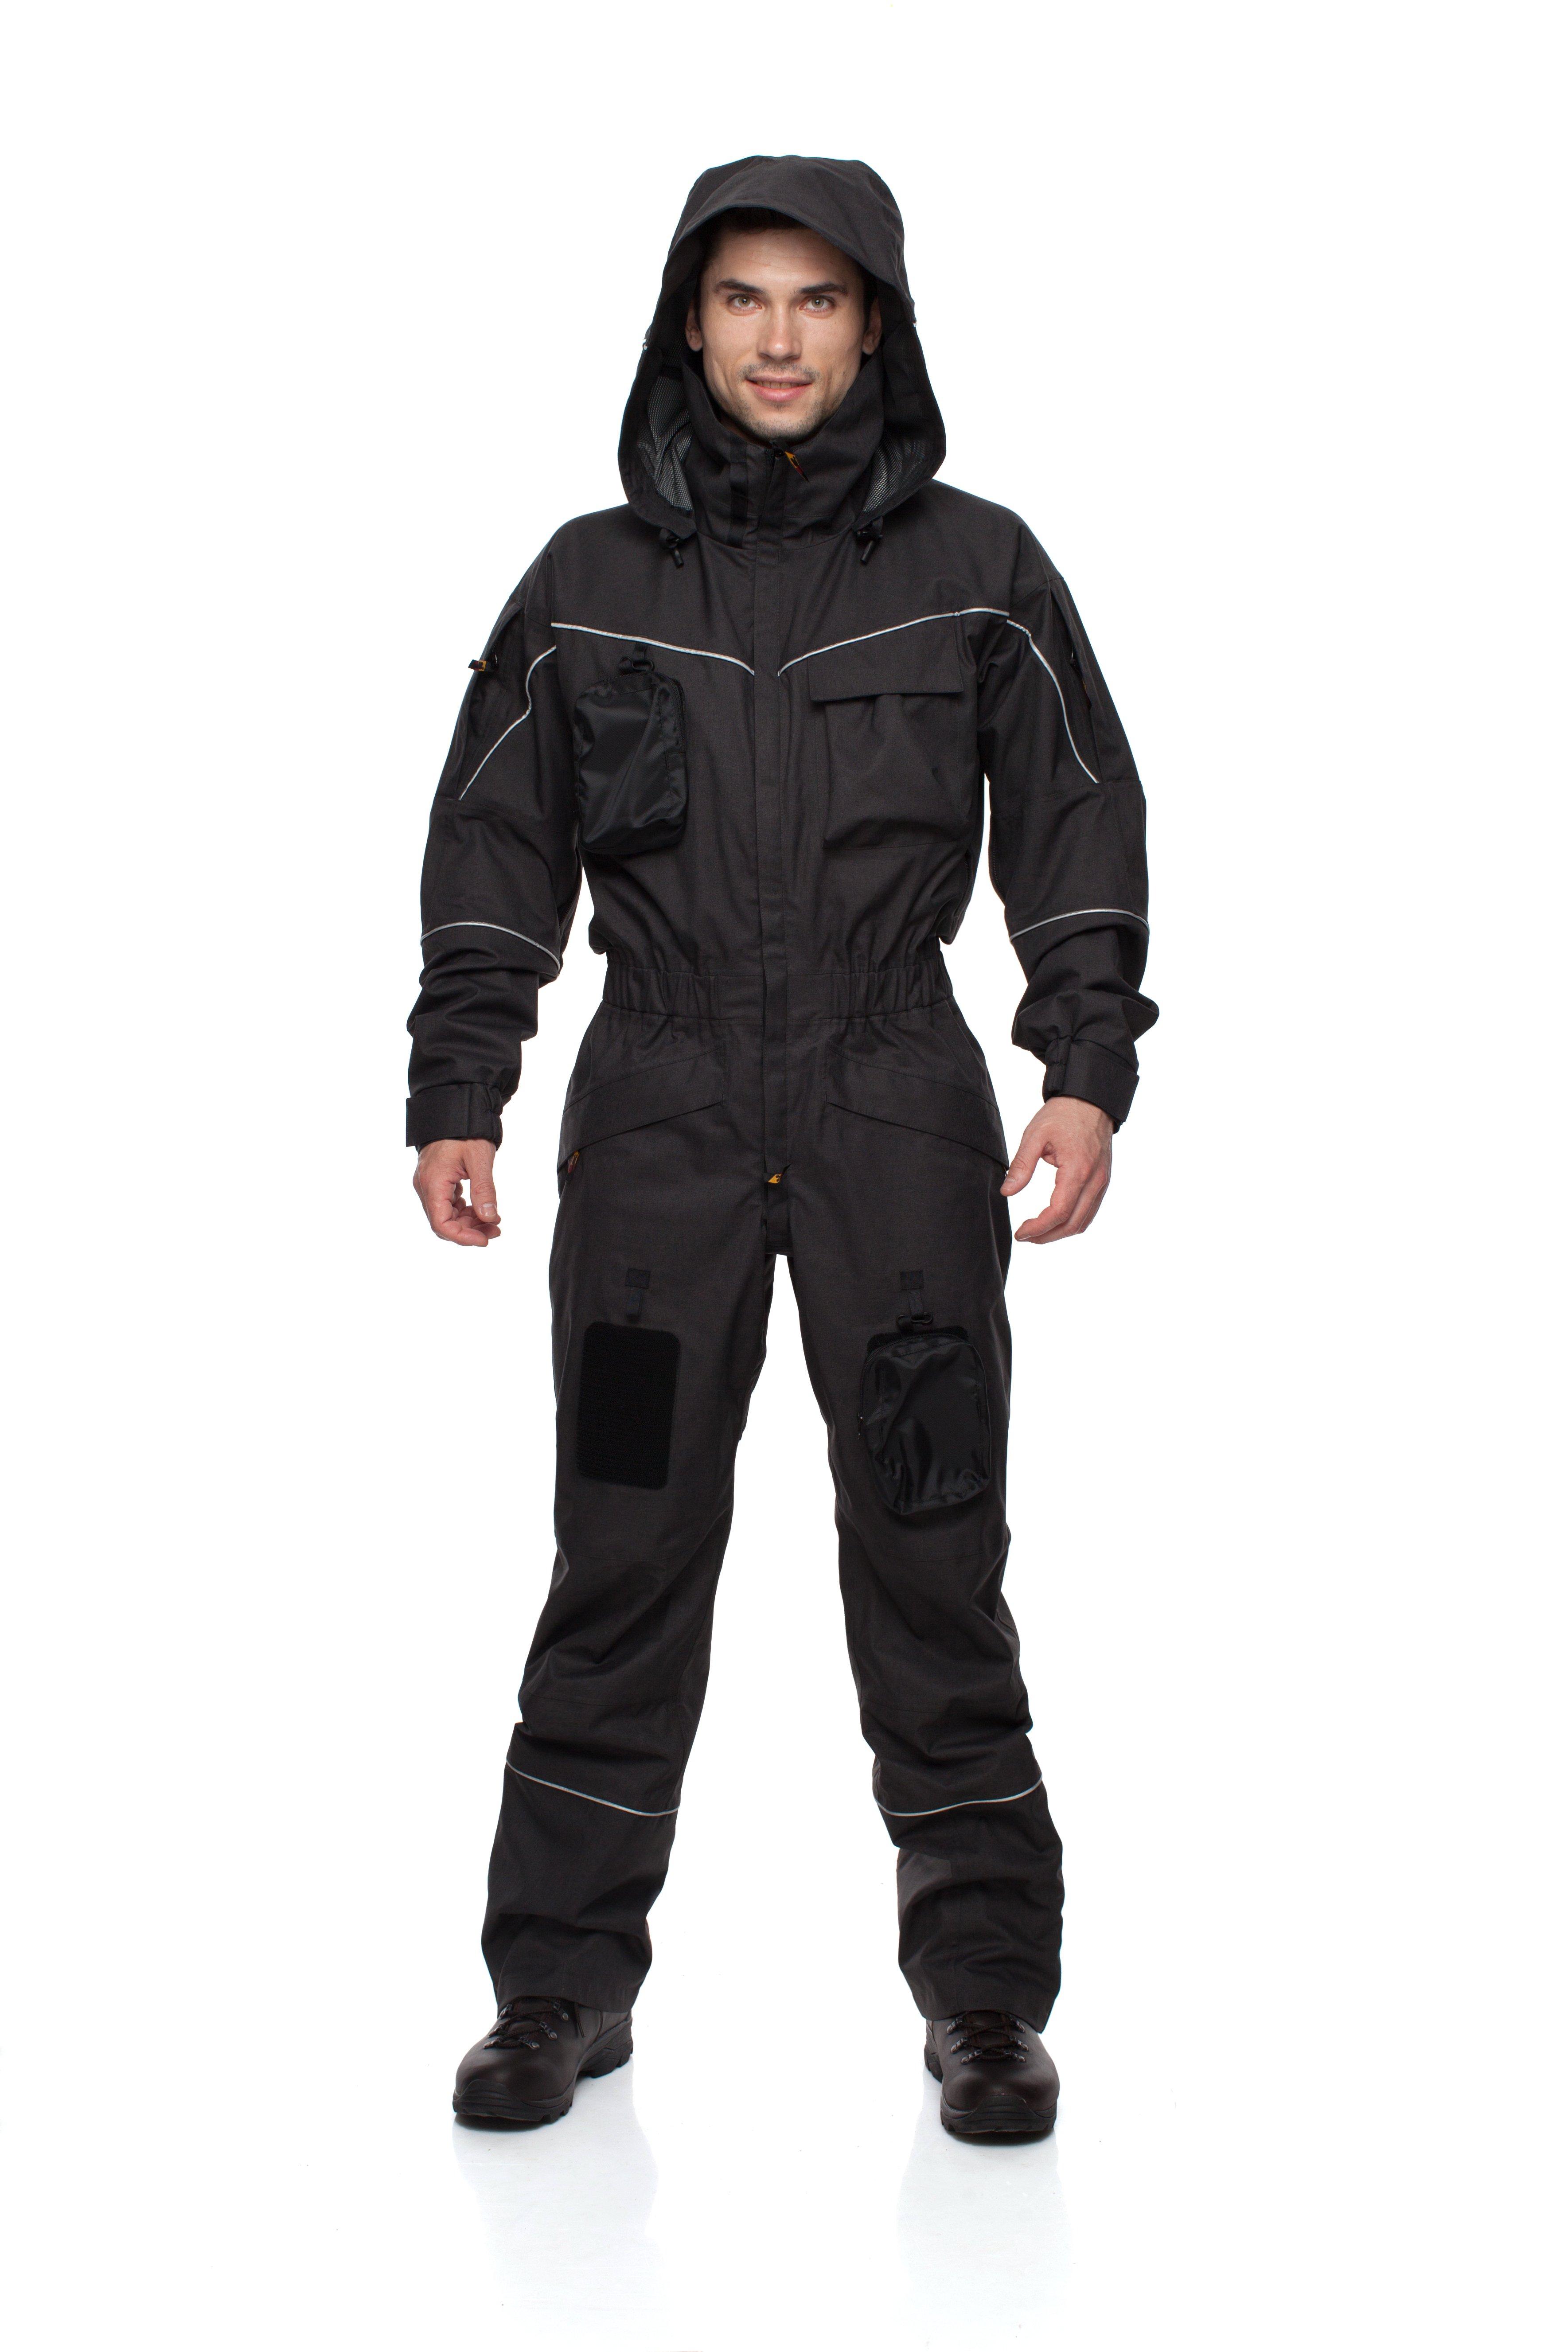 Комбинезон BASK WORKER SUIT 1193Комбинезоны и костюмы<br>Непромокаемый мембранный комбинезон для высотных работ, разработанный промальпинистами и для промальпинистов.<br><br>Анатомический покрой локтевого сгиба и зоны коленей: Нет<br>Верхняя ткань: Advance® Alaska Soft Melange<br>Вес граммы: 1800<br>Влагозащитные свойства: Да<br>Внутренние манжеты: Нет<br>Капюшон: Несъемный<br>Количество карманов: 9<br>Наличие мембраны: Да<br>Отстегивающийся задний клапан: Нет<br>Пол: Унисекс<br>Регулировка манжетов рукавов: Застежки Velcro<br>Регулировка пояса: Нет<br>Регулируемые бретели: Нет<br>Регулируемые вентиляционные отверстия: Да<br>Светоотражающая лента: Да<br>Снегозащитные муфты: Да<br>Съемные защитные вкладыши: Нет<br>Технология Thermal Welding: Нет<br>Тип молнии: Двухзамковая<br>Ткань усиления: Нет<br>Усиление контактных зон: Нет<br>Усиление швов закрепками: Да<br>Размер RU: 54<br>Цвет: ЧЕРНЫЙ